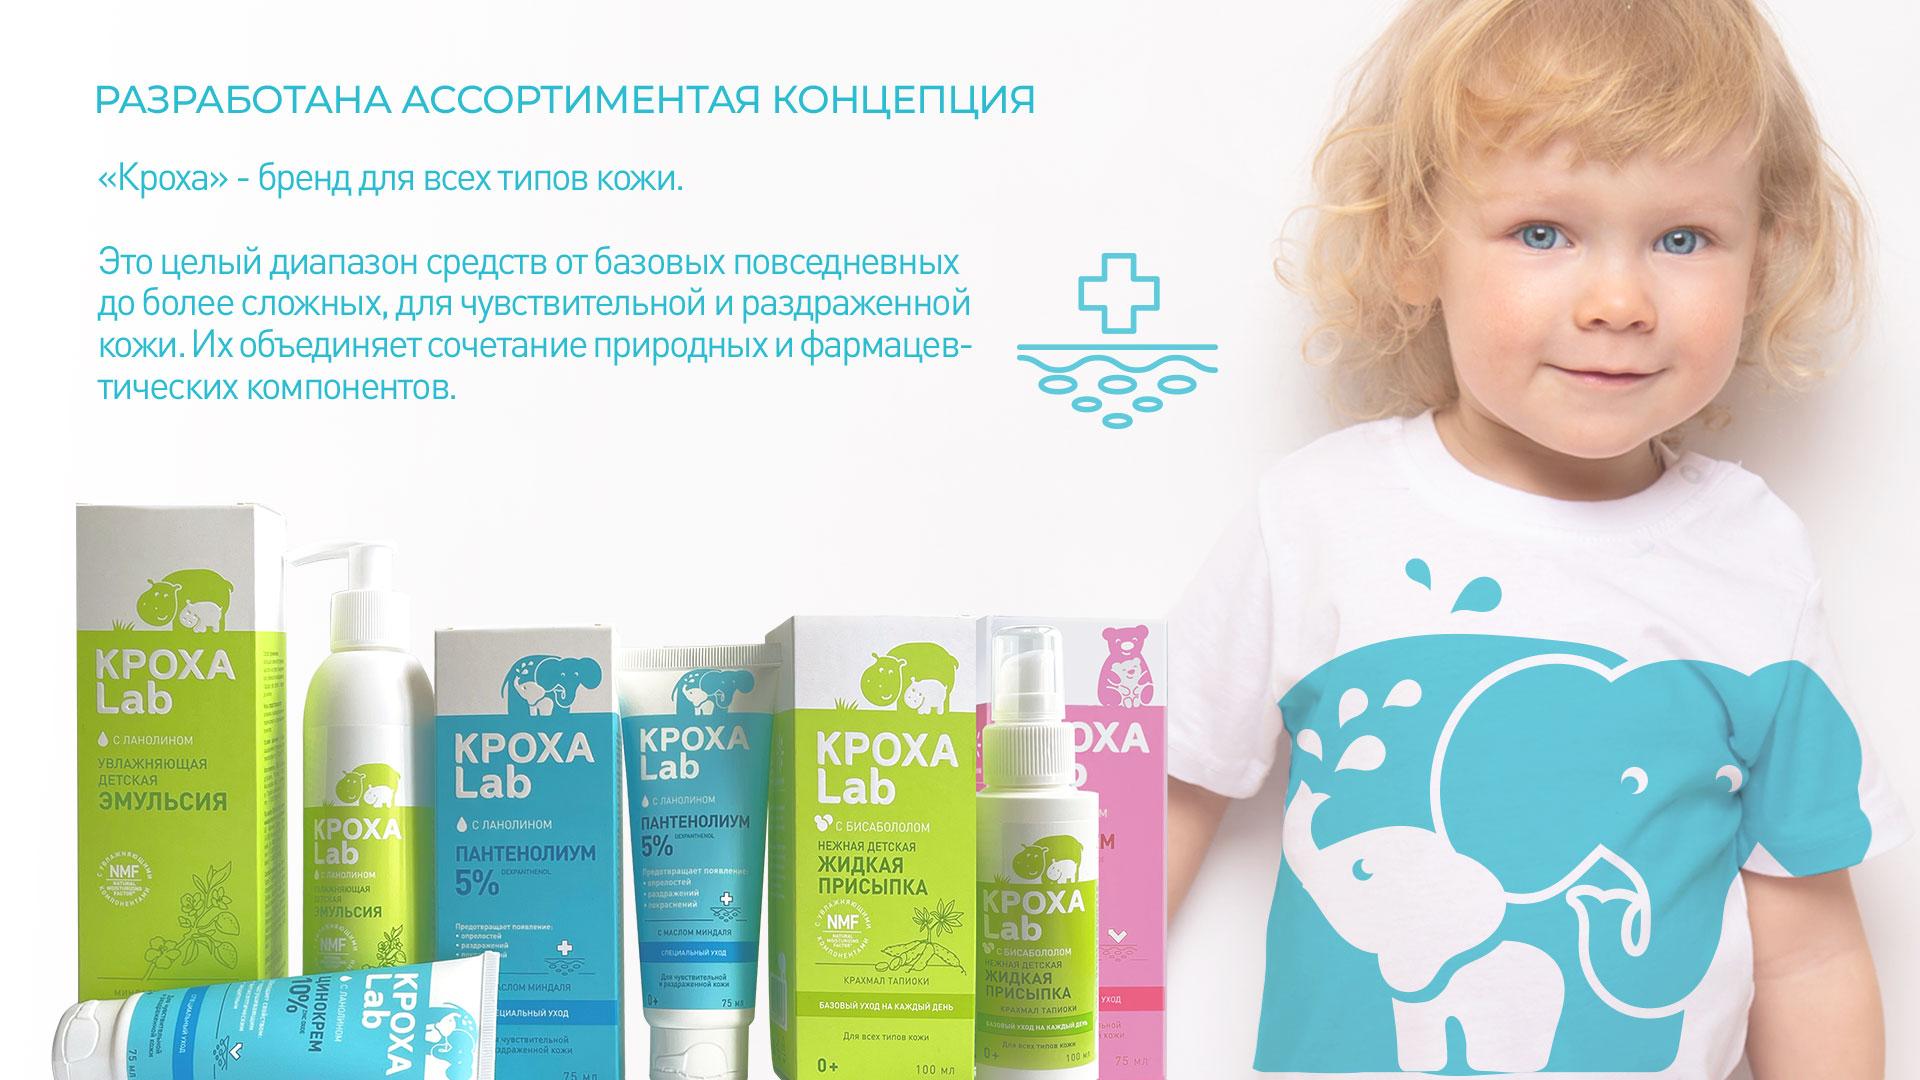 Ассортиментная концепция бренда Кроха Lab